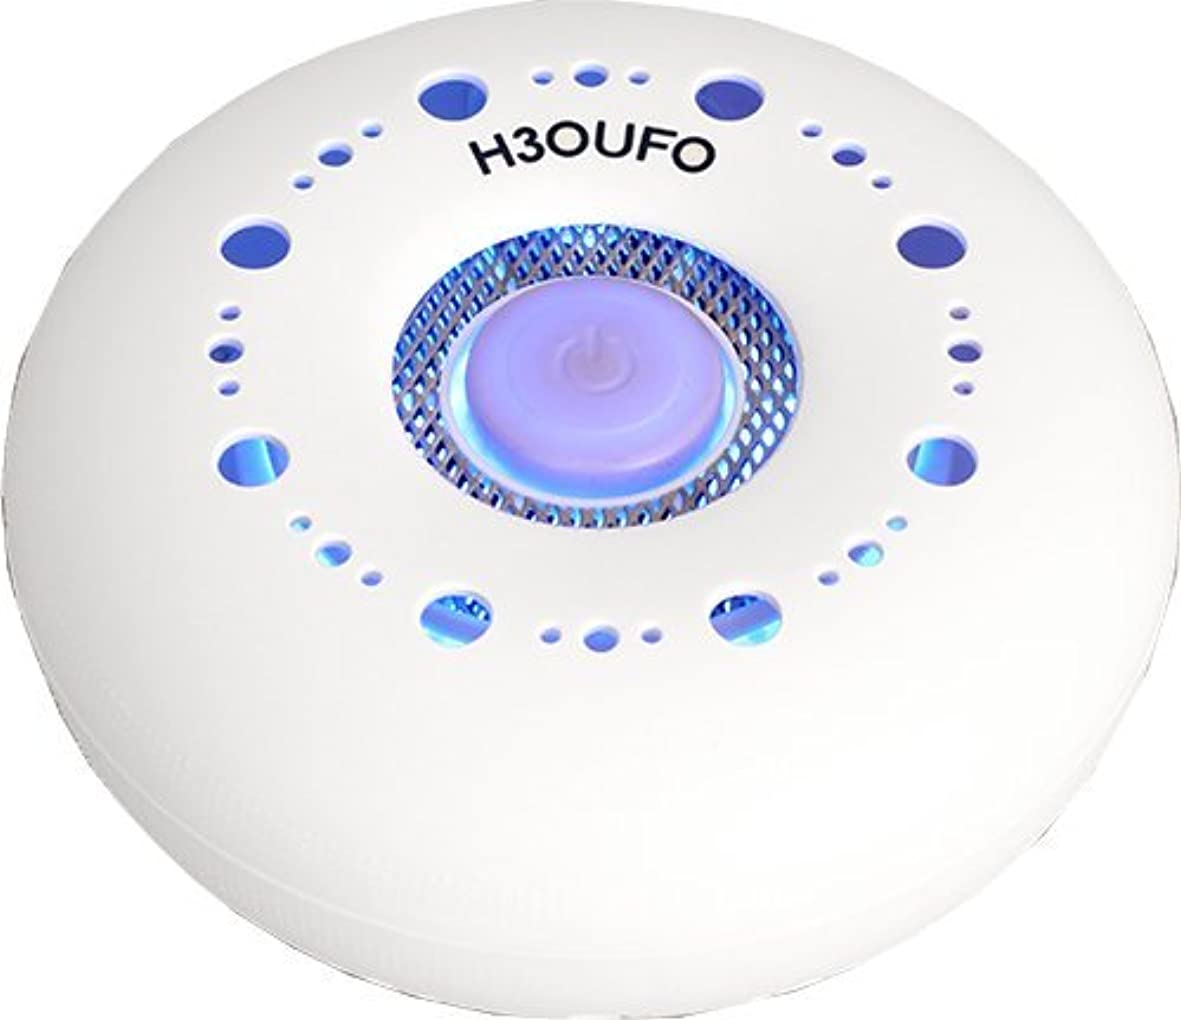 誠実さフェードアウト実質的水素風呂生成器 H3O UFO 湯ふぉ(アクリル製洗顔ボウル付) 湯船に入れるだけで手軽に水素風呂が楽しめます